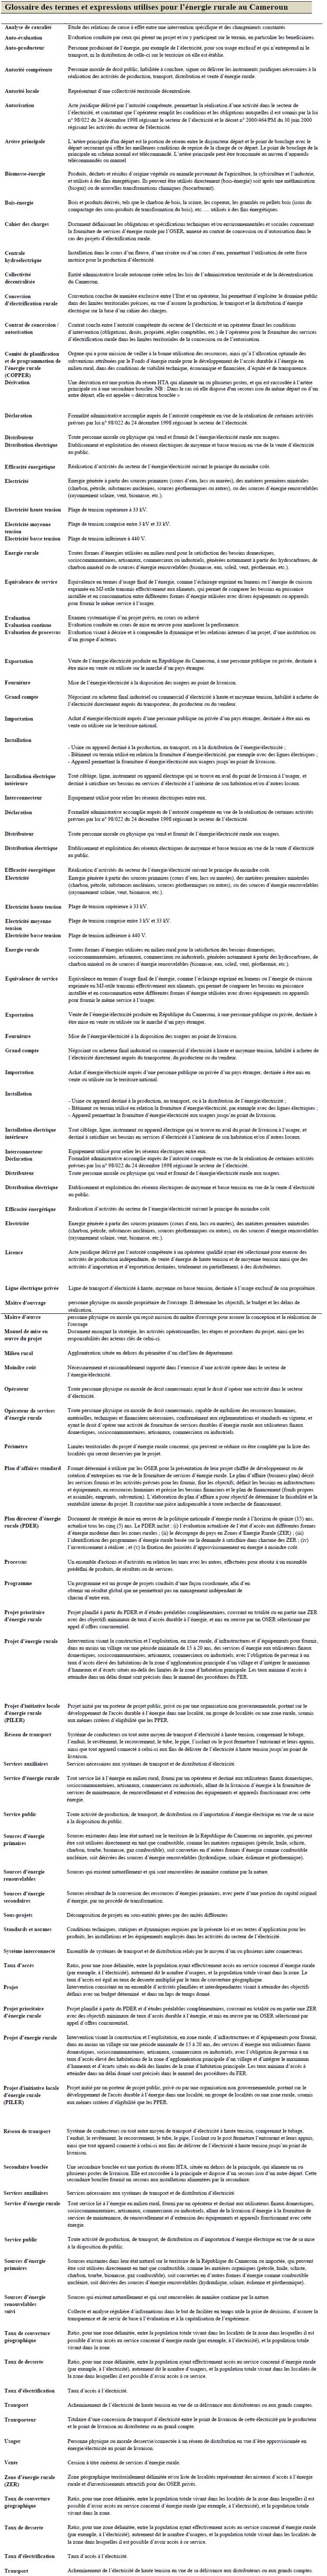 Glossaire des termes et expressions utilises pour l'énergie rurale au Cameroun